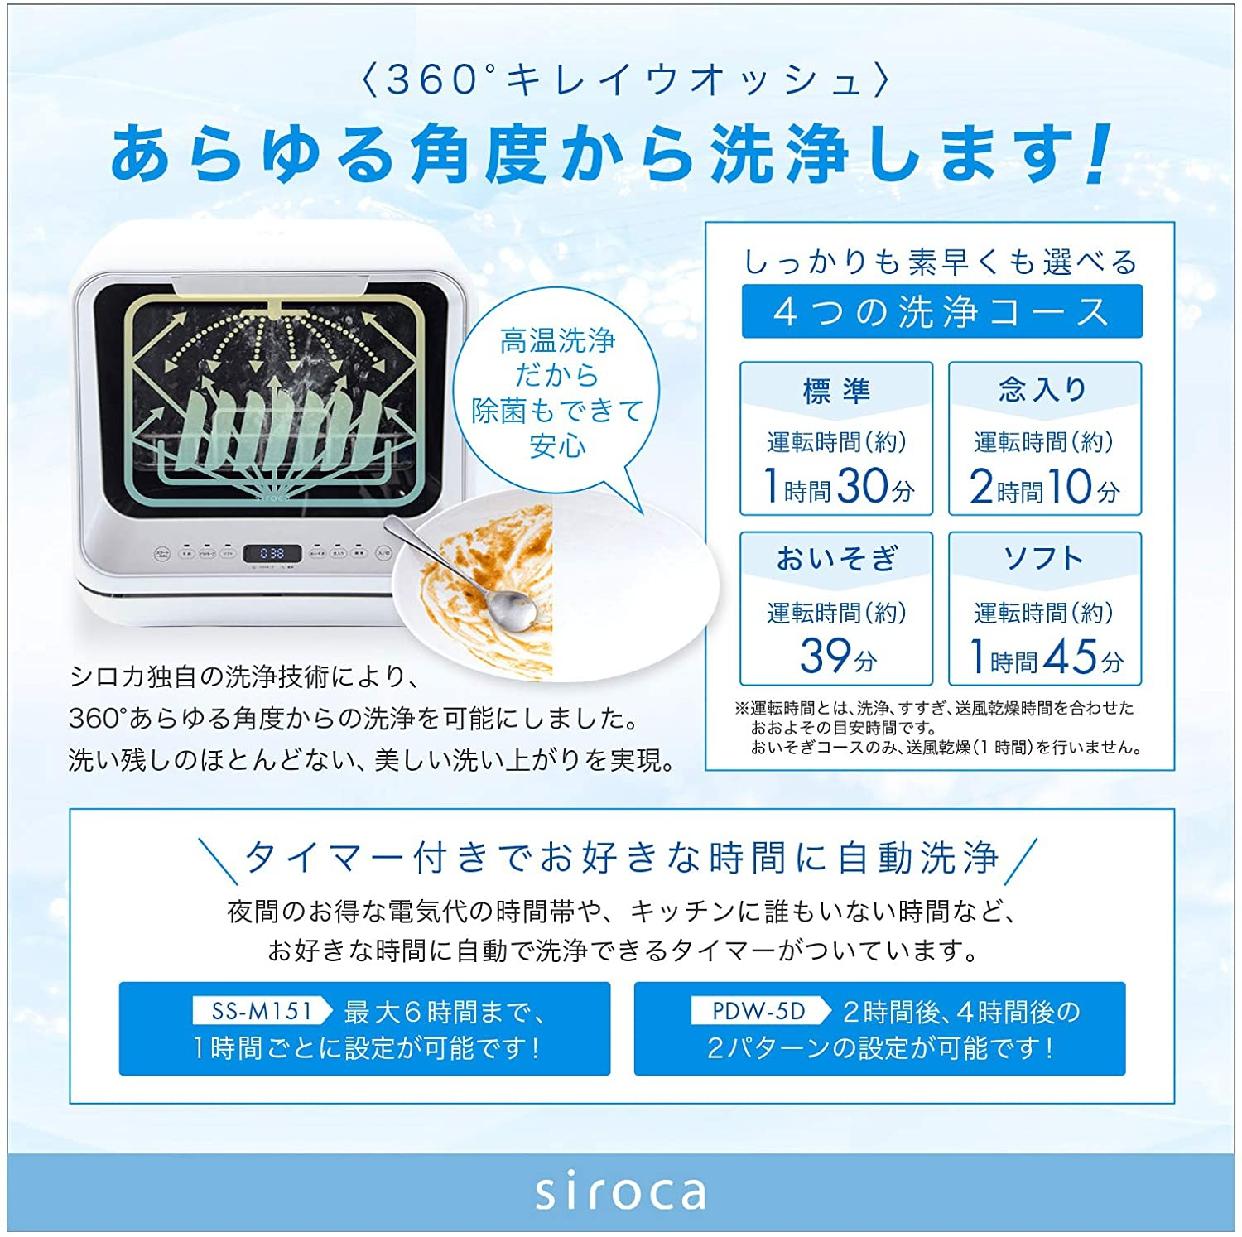 siroca(シロカ) 食器洗い乾燥機 PDW-5D ゴールドの商品画像6